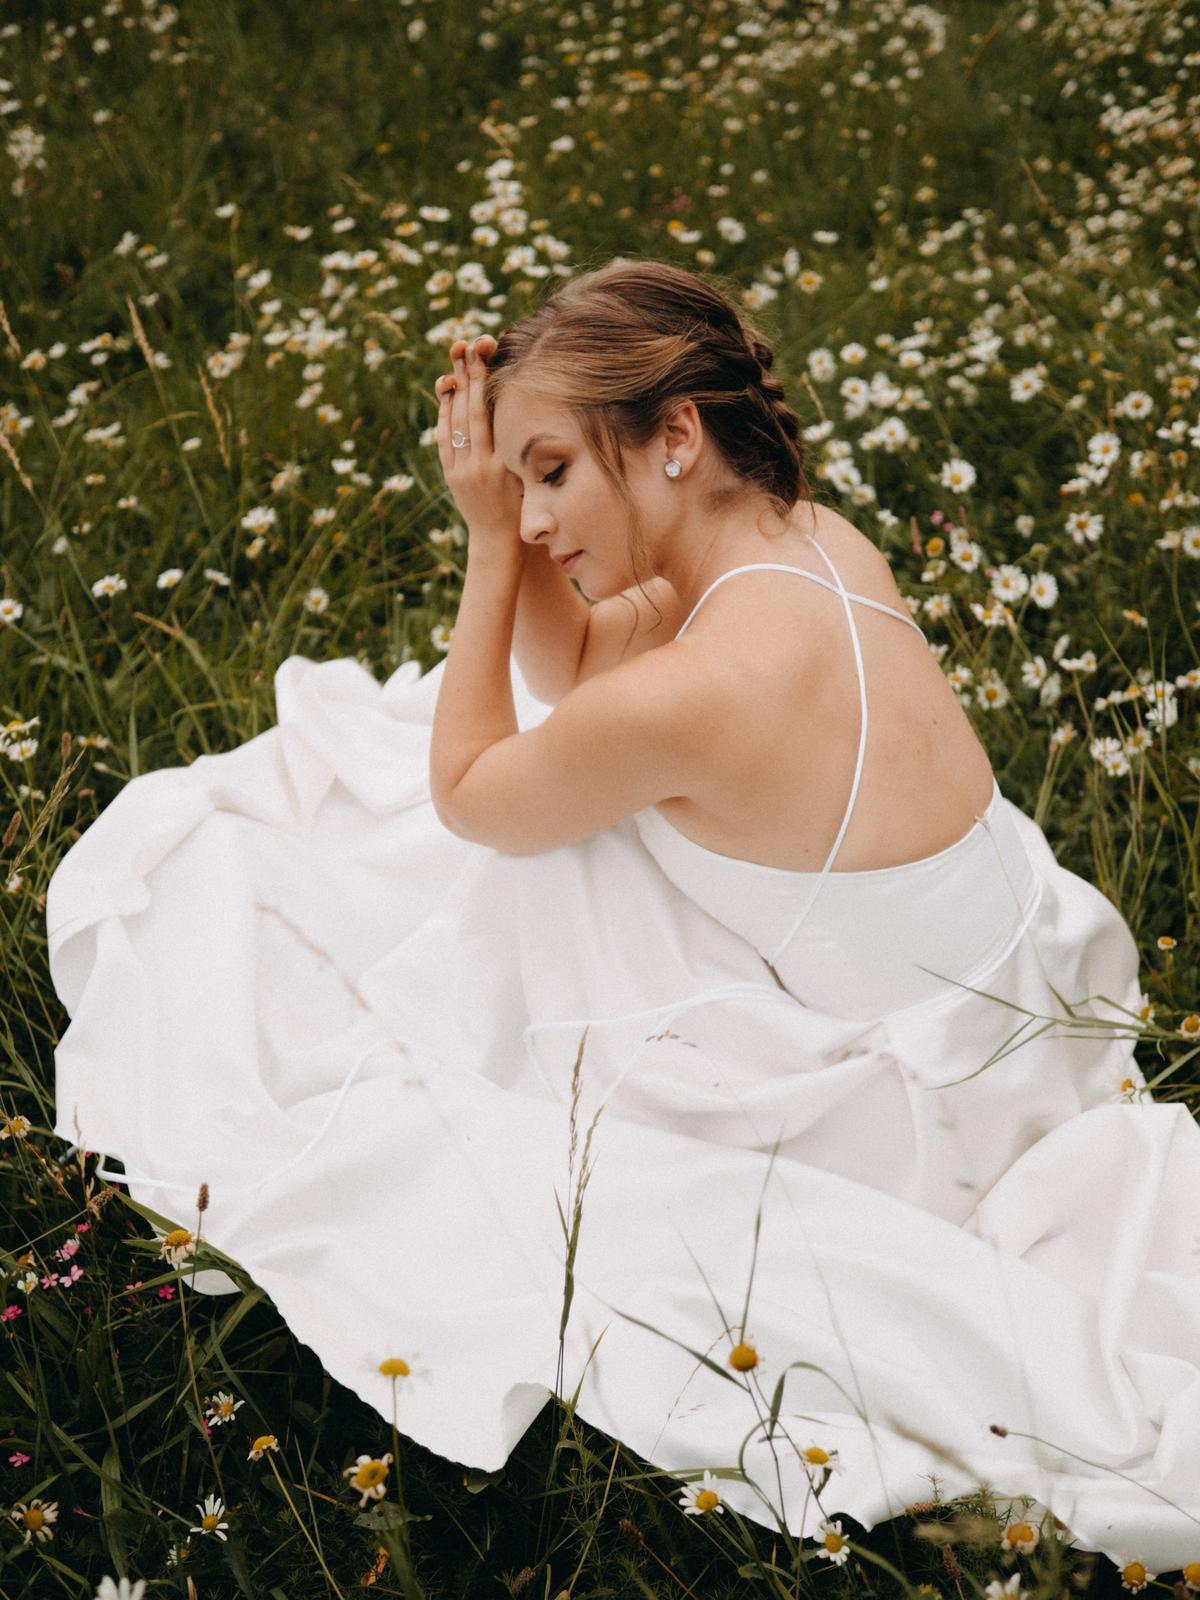 Saténové šaty vel. 36 - Obrázek č. 1